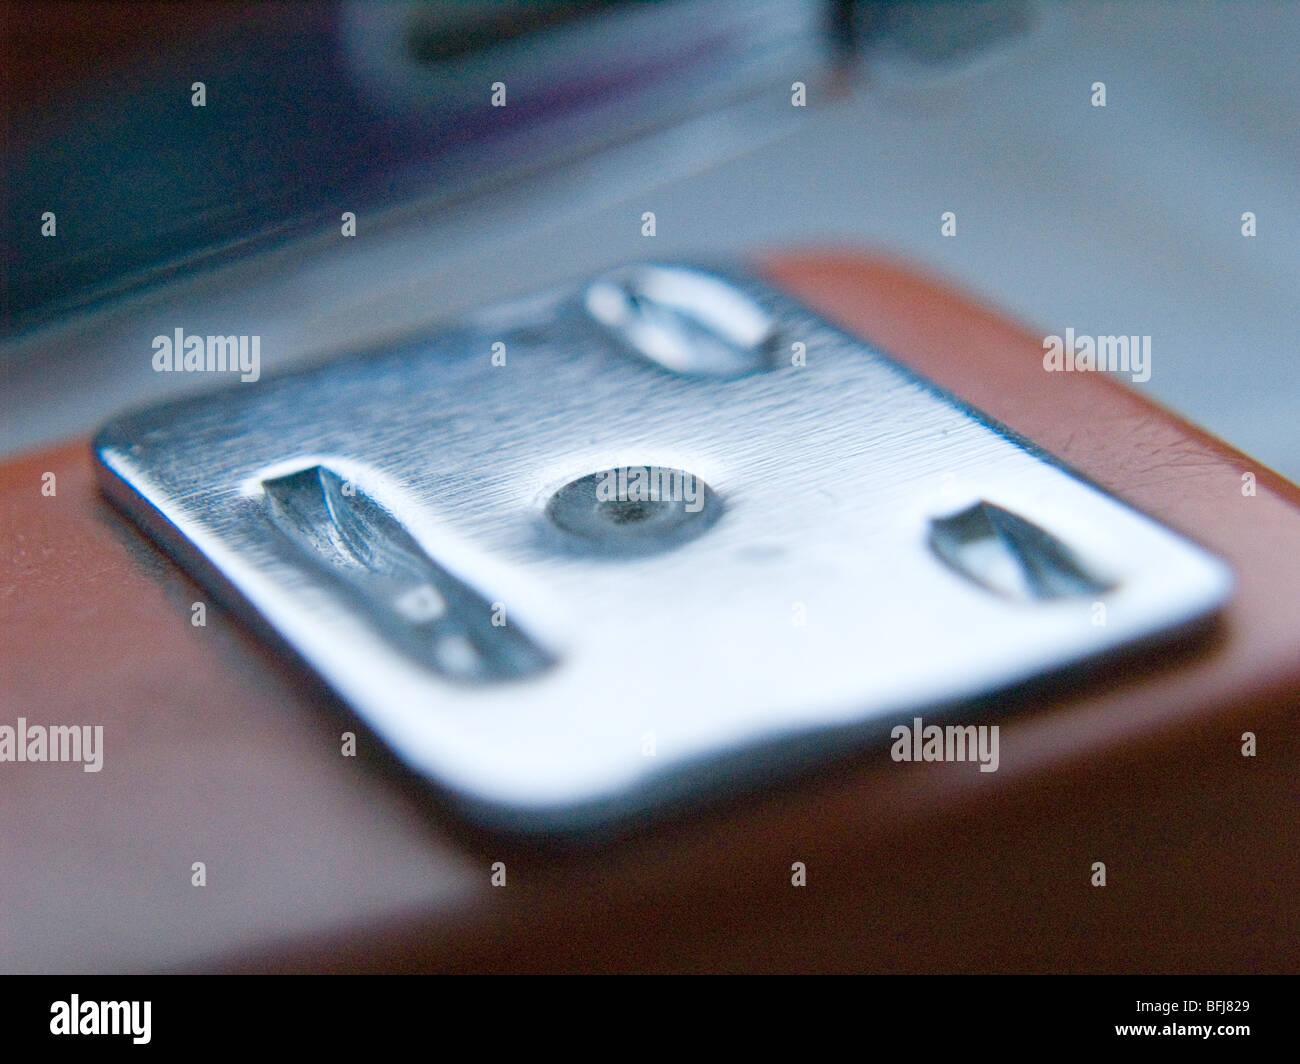 Cerca de una grapadora metálica. Imagen De Stock